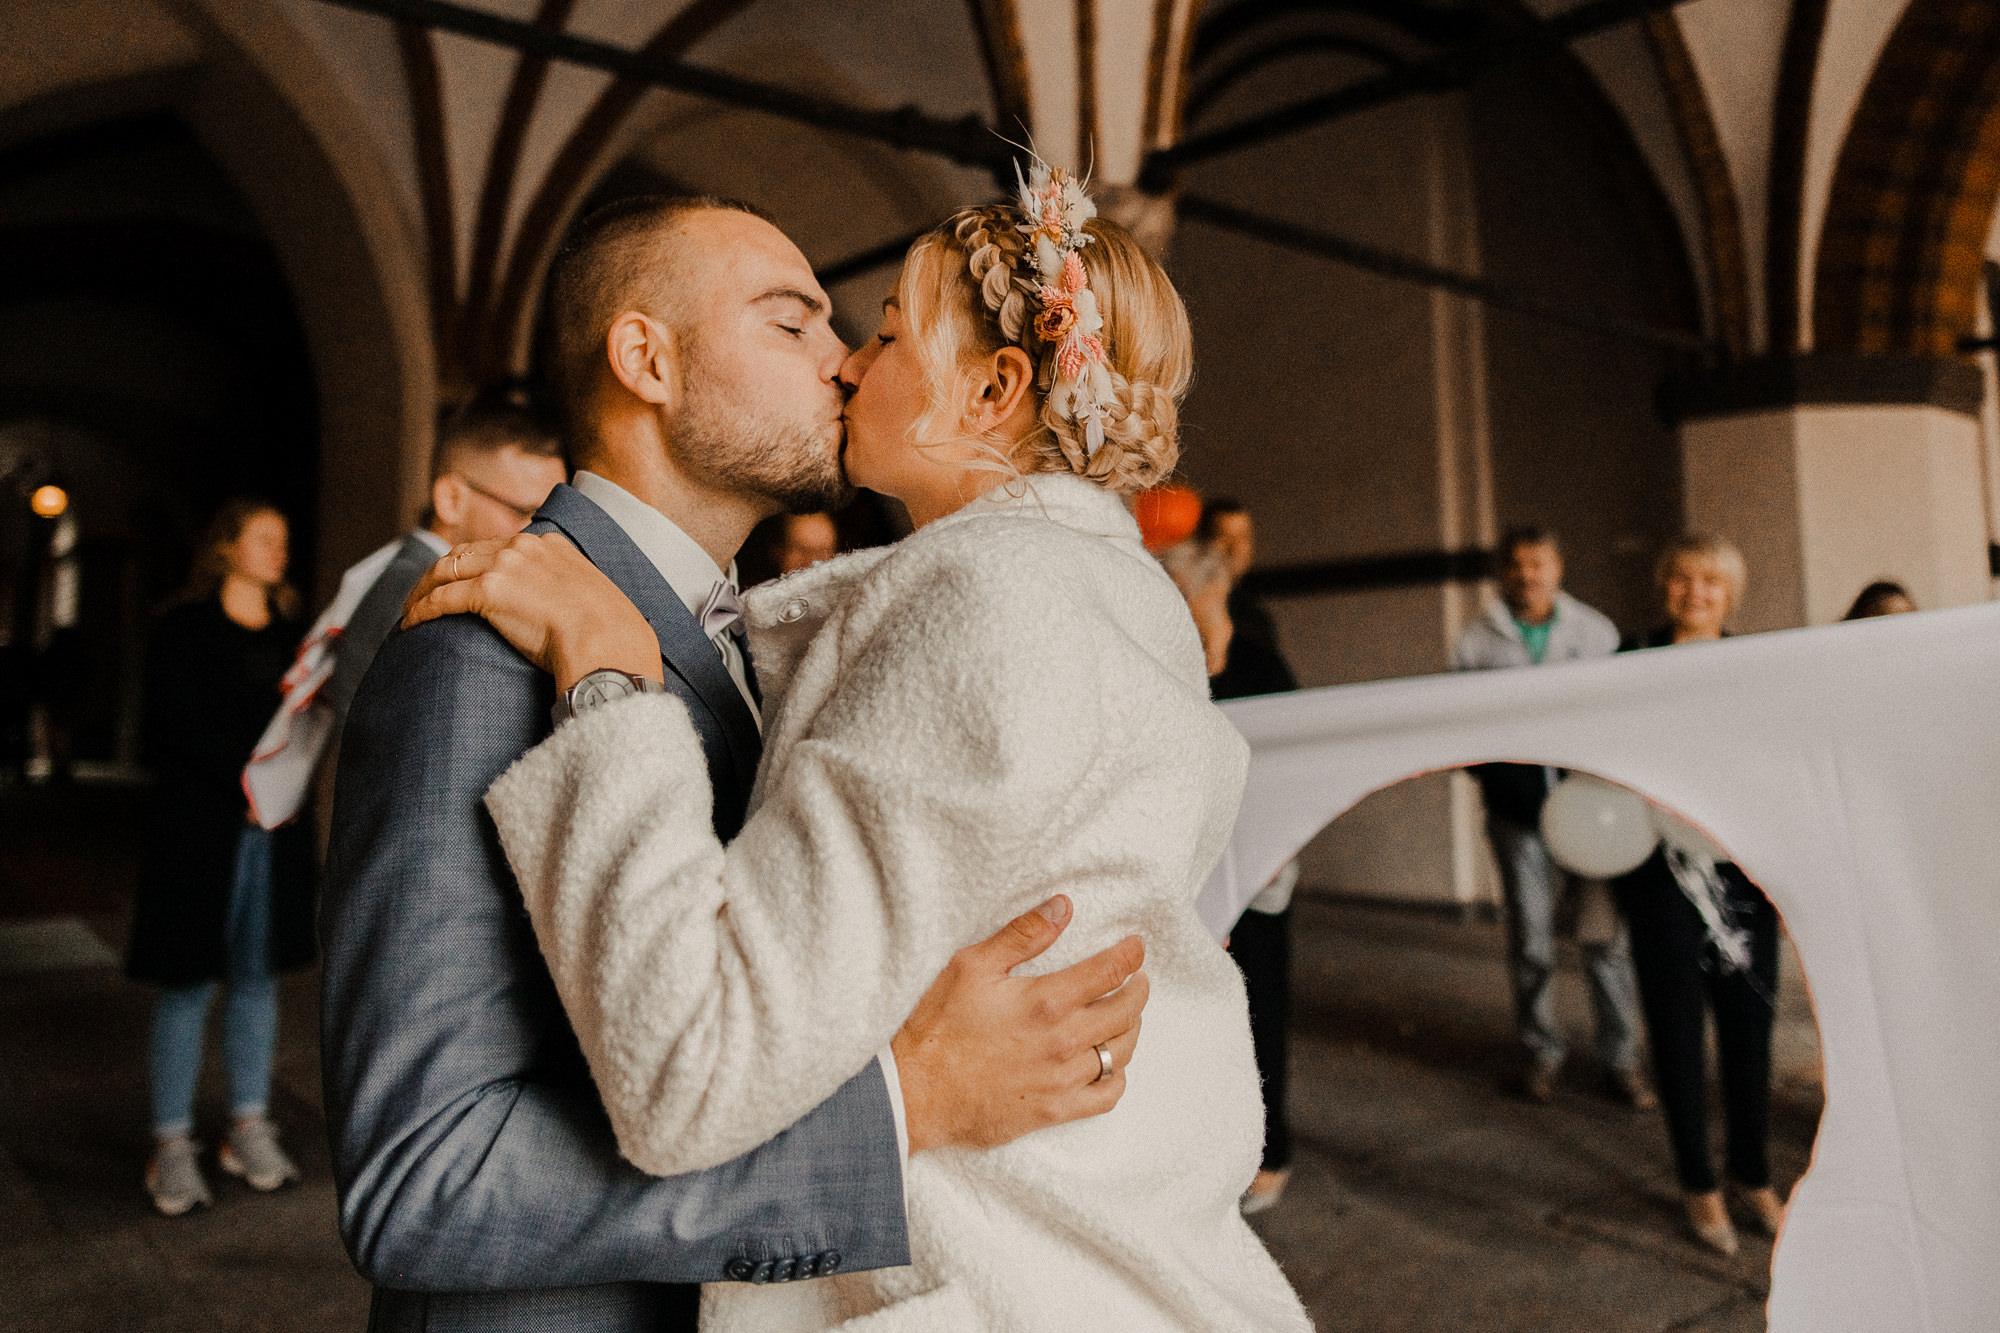 Hochzeit - Stralsund - Fotograf - Hochzeitsfotografie - Standesamt - Kapelle St. Annen und Brigitten - Hochzeitsfotografie - Rügen